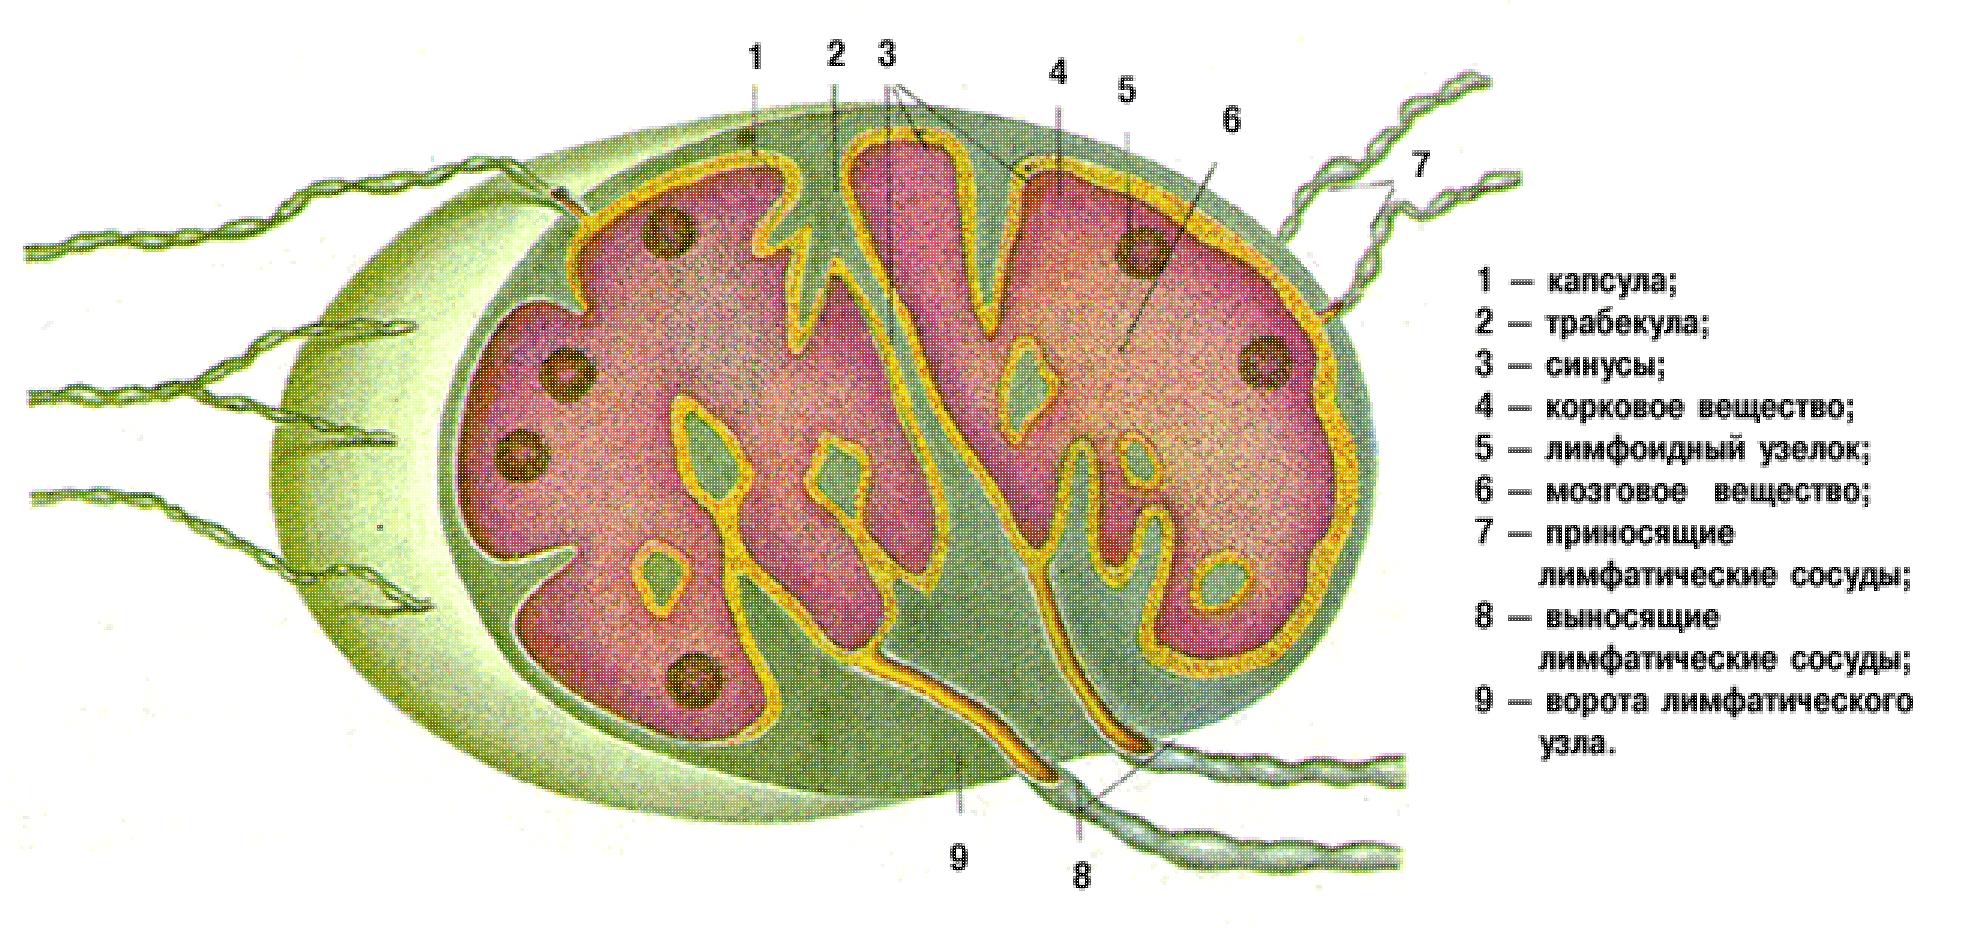 Аксиллярная область это. аксиллярная впадина что такое аксиллярная лимфаденопатия